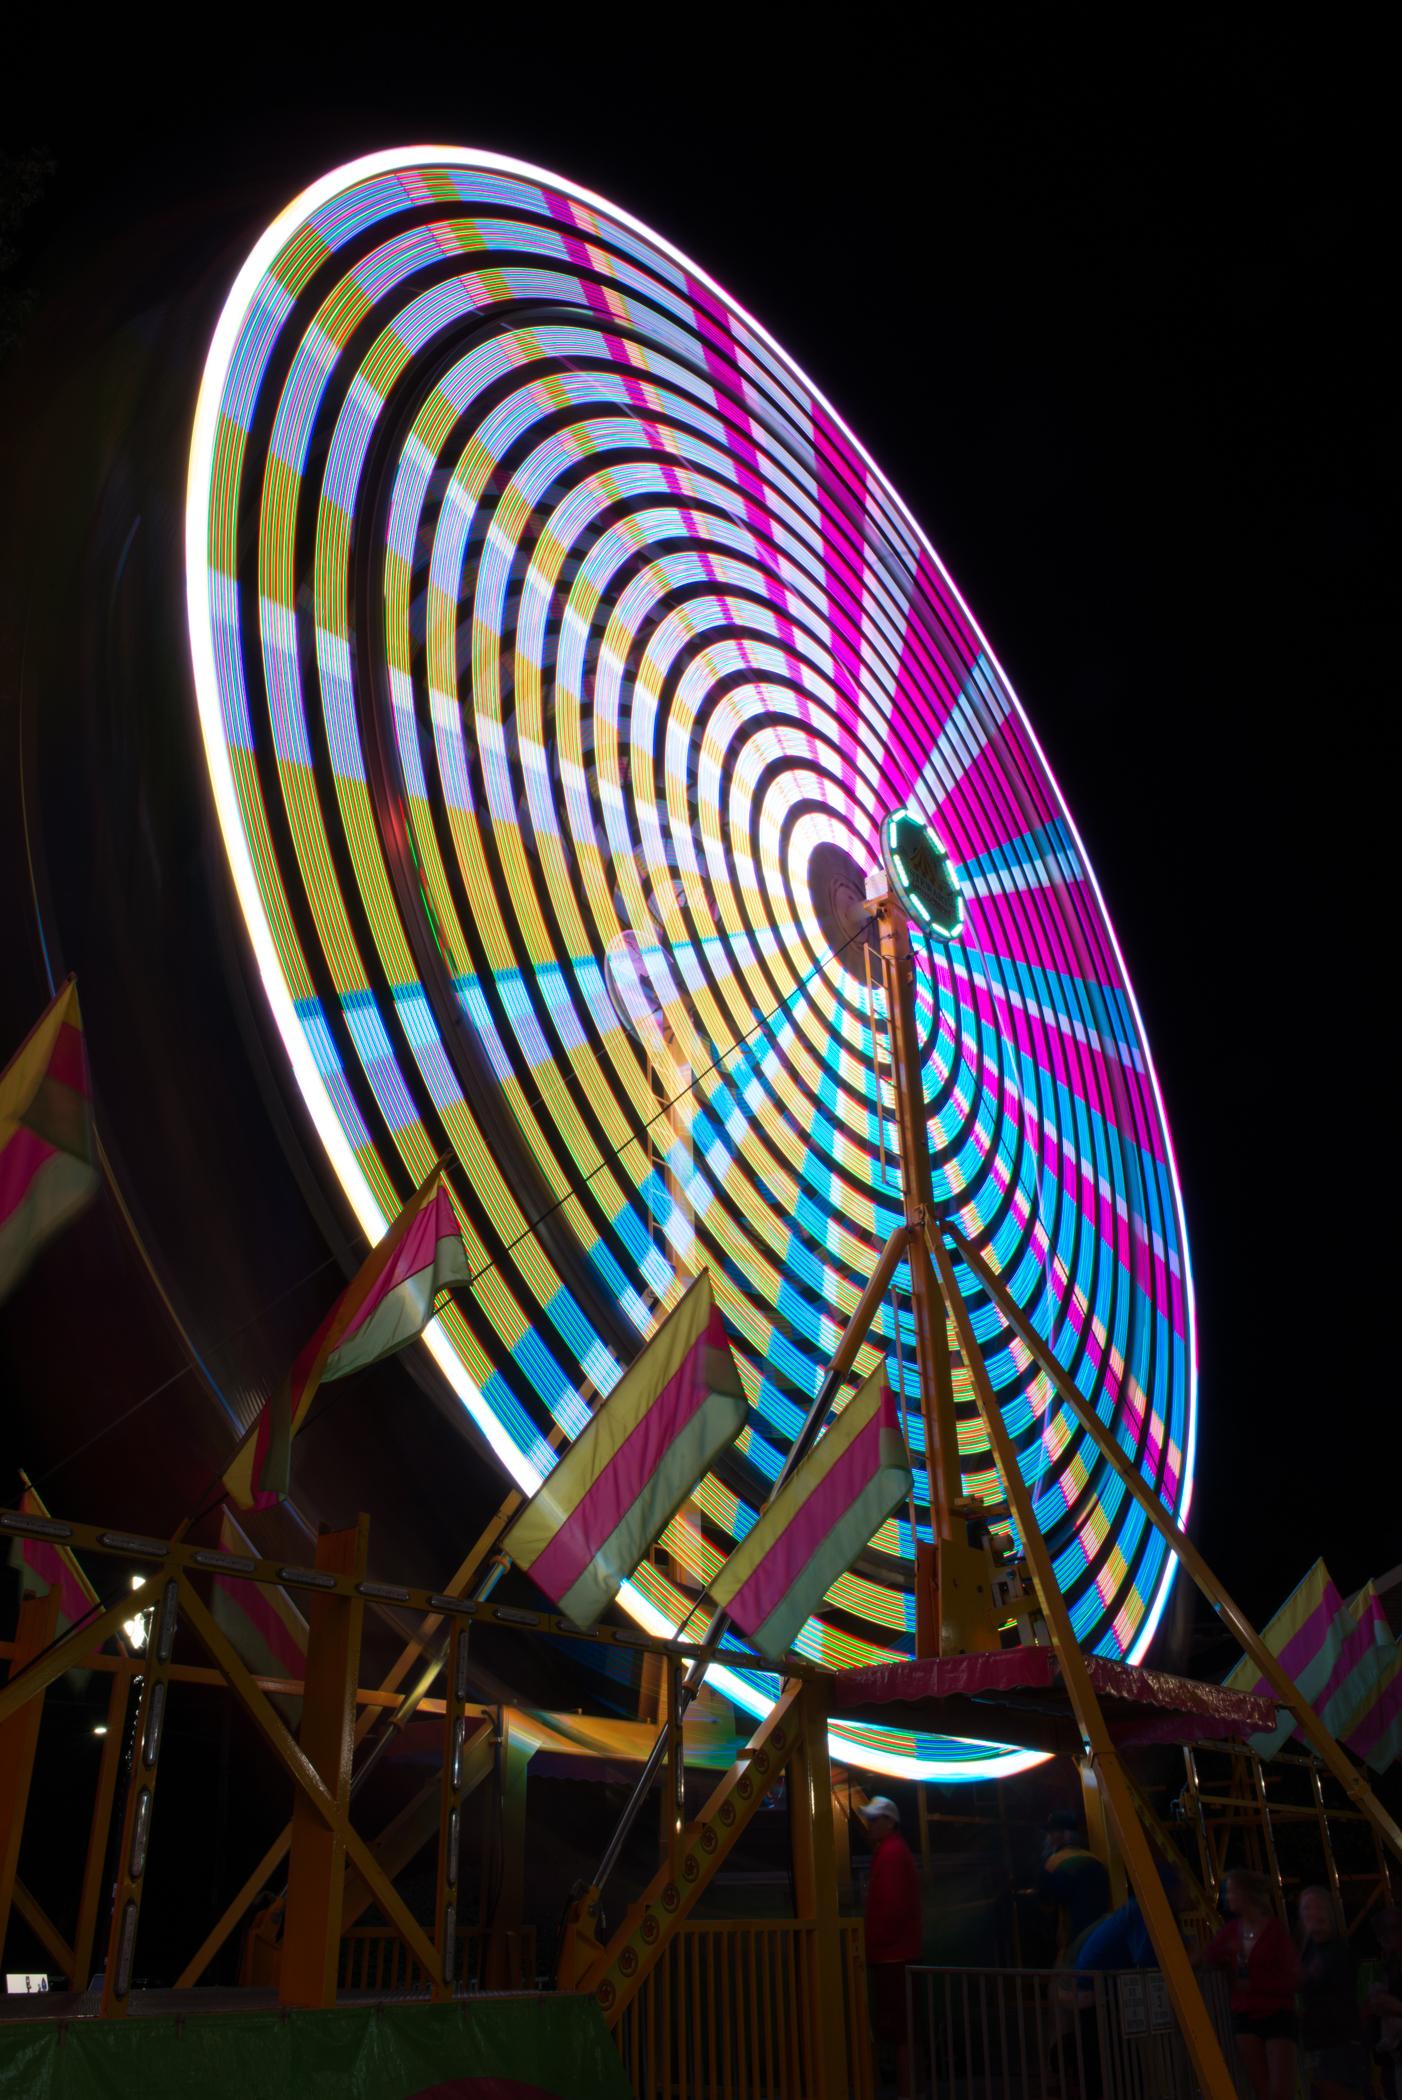 St-Leos-Fair-2016-23.jpg